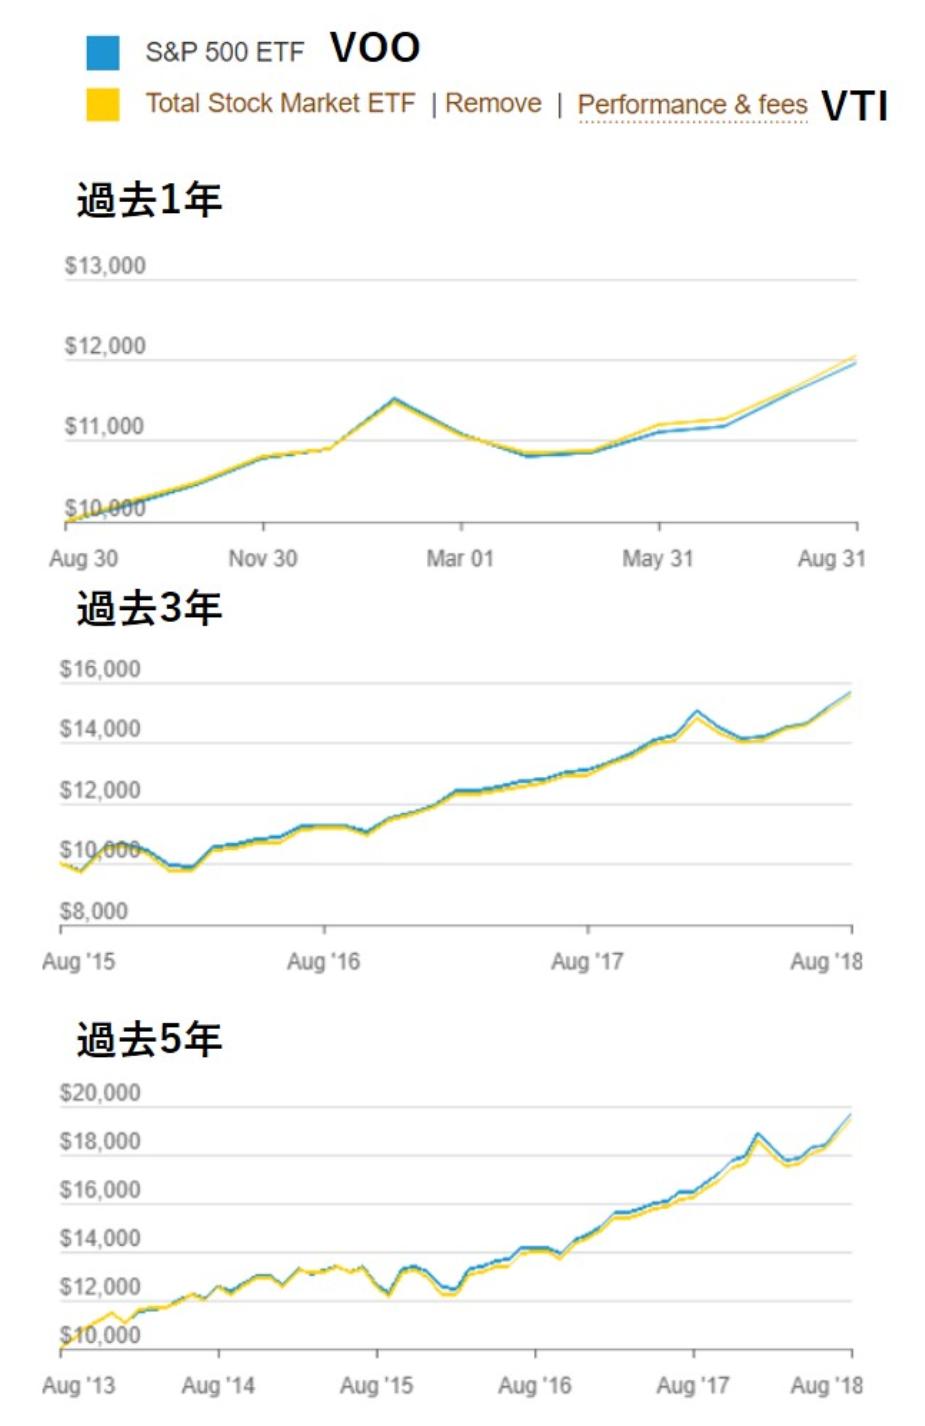 VOOとVTIの利回り(リターン)の比較をチャートとデータから比較